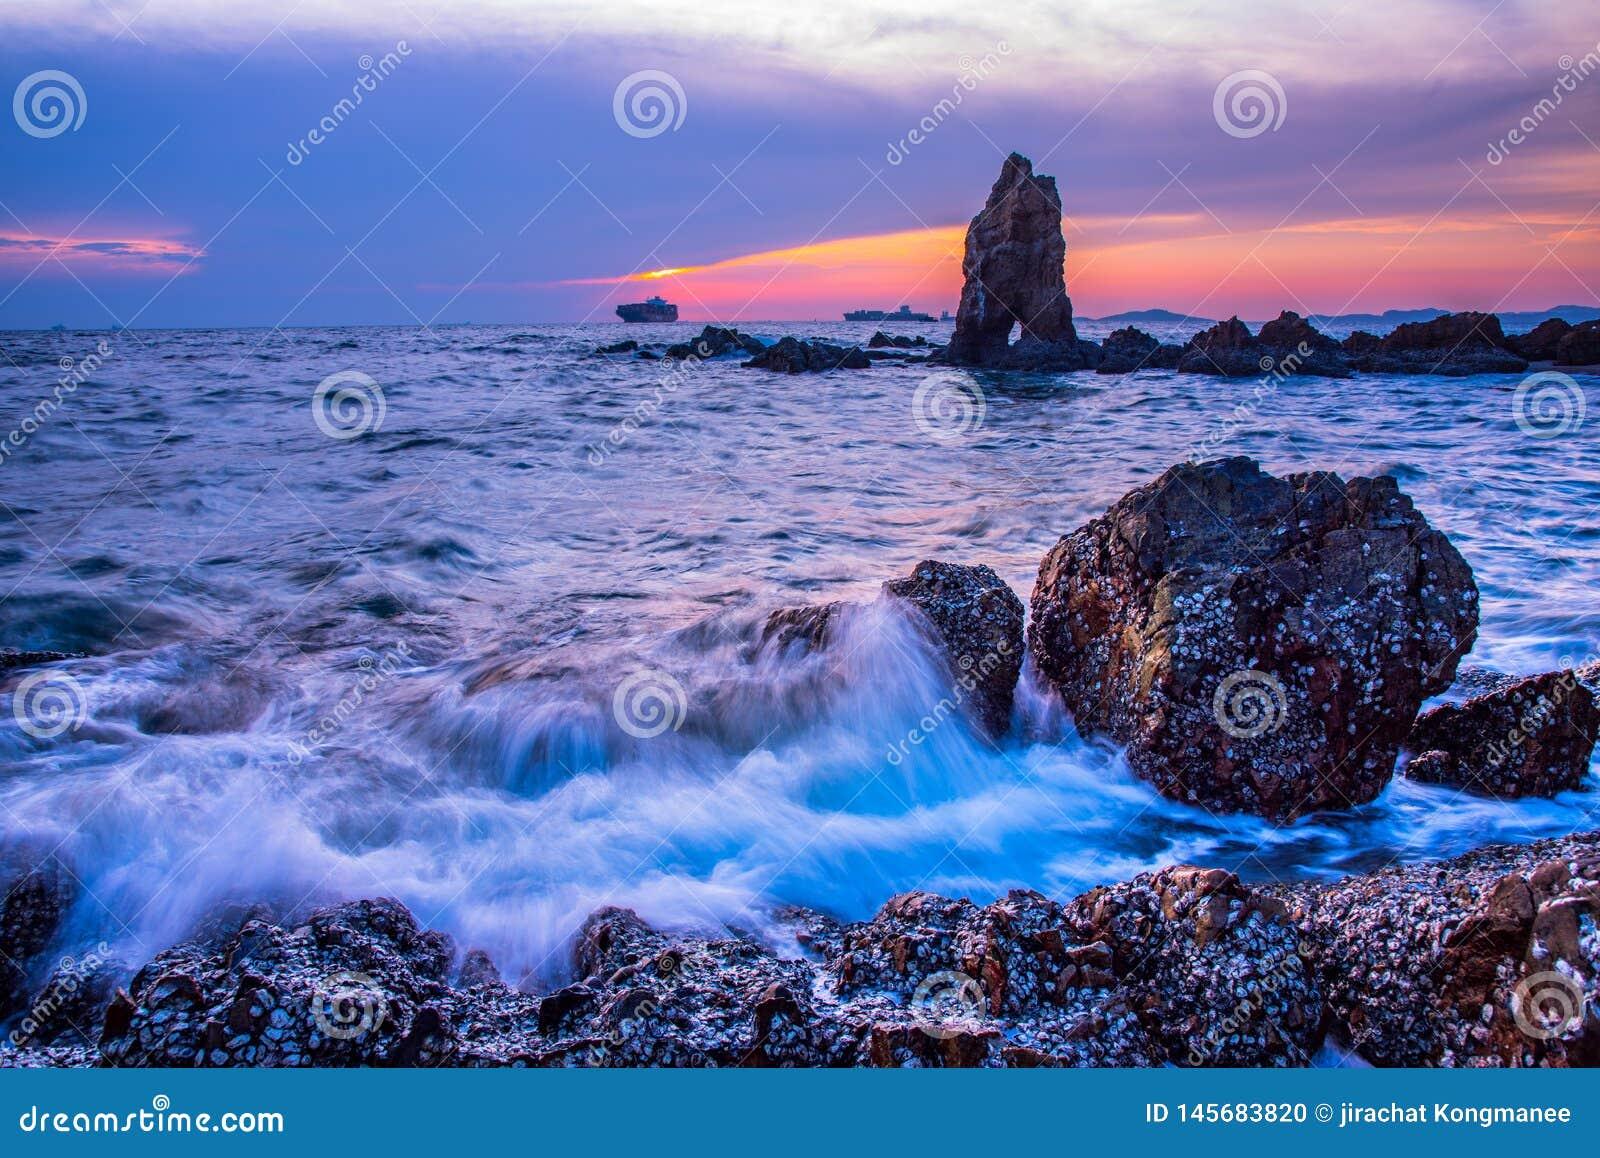 Evening sea on blue sky